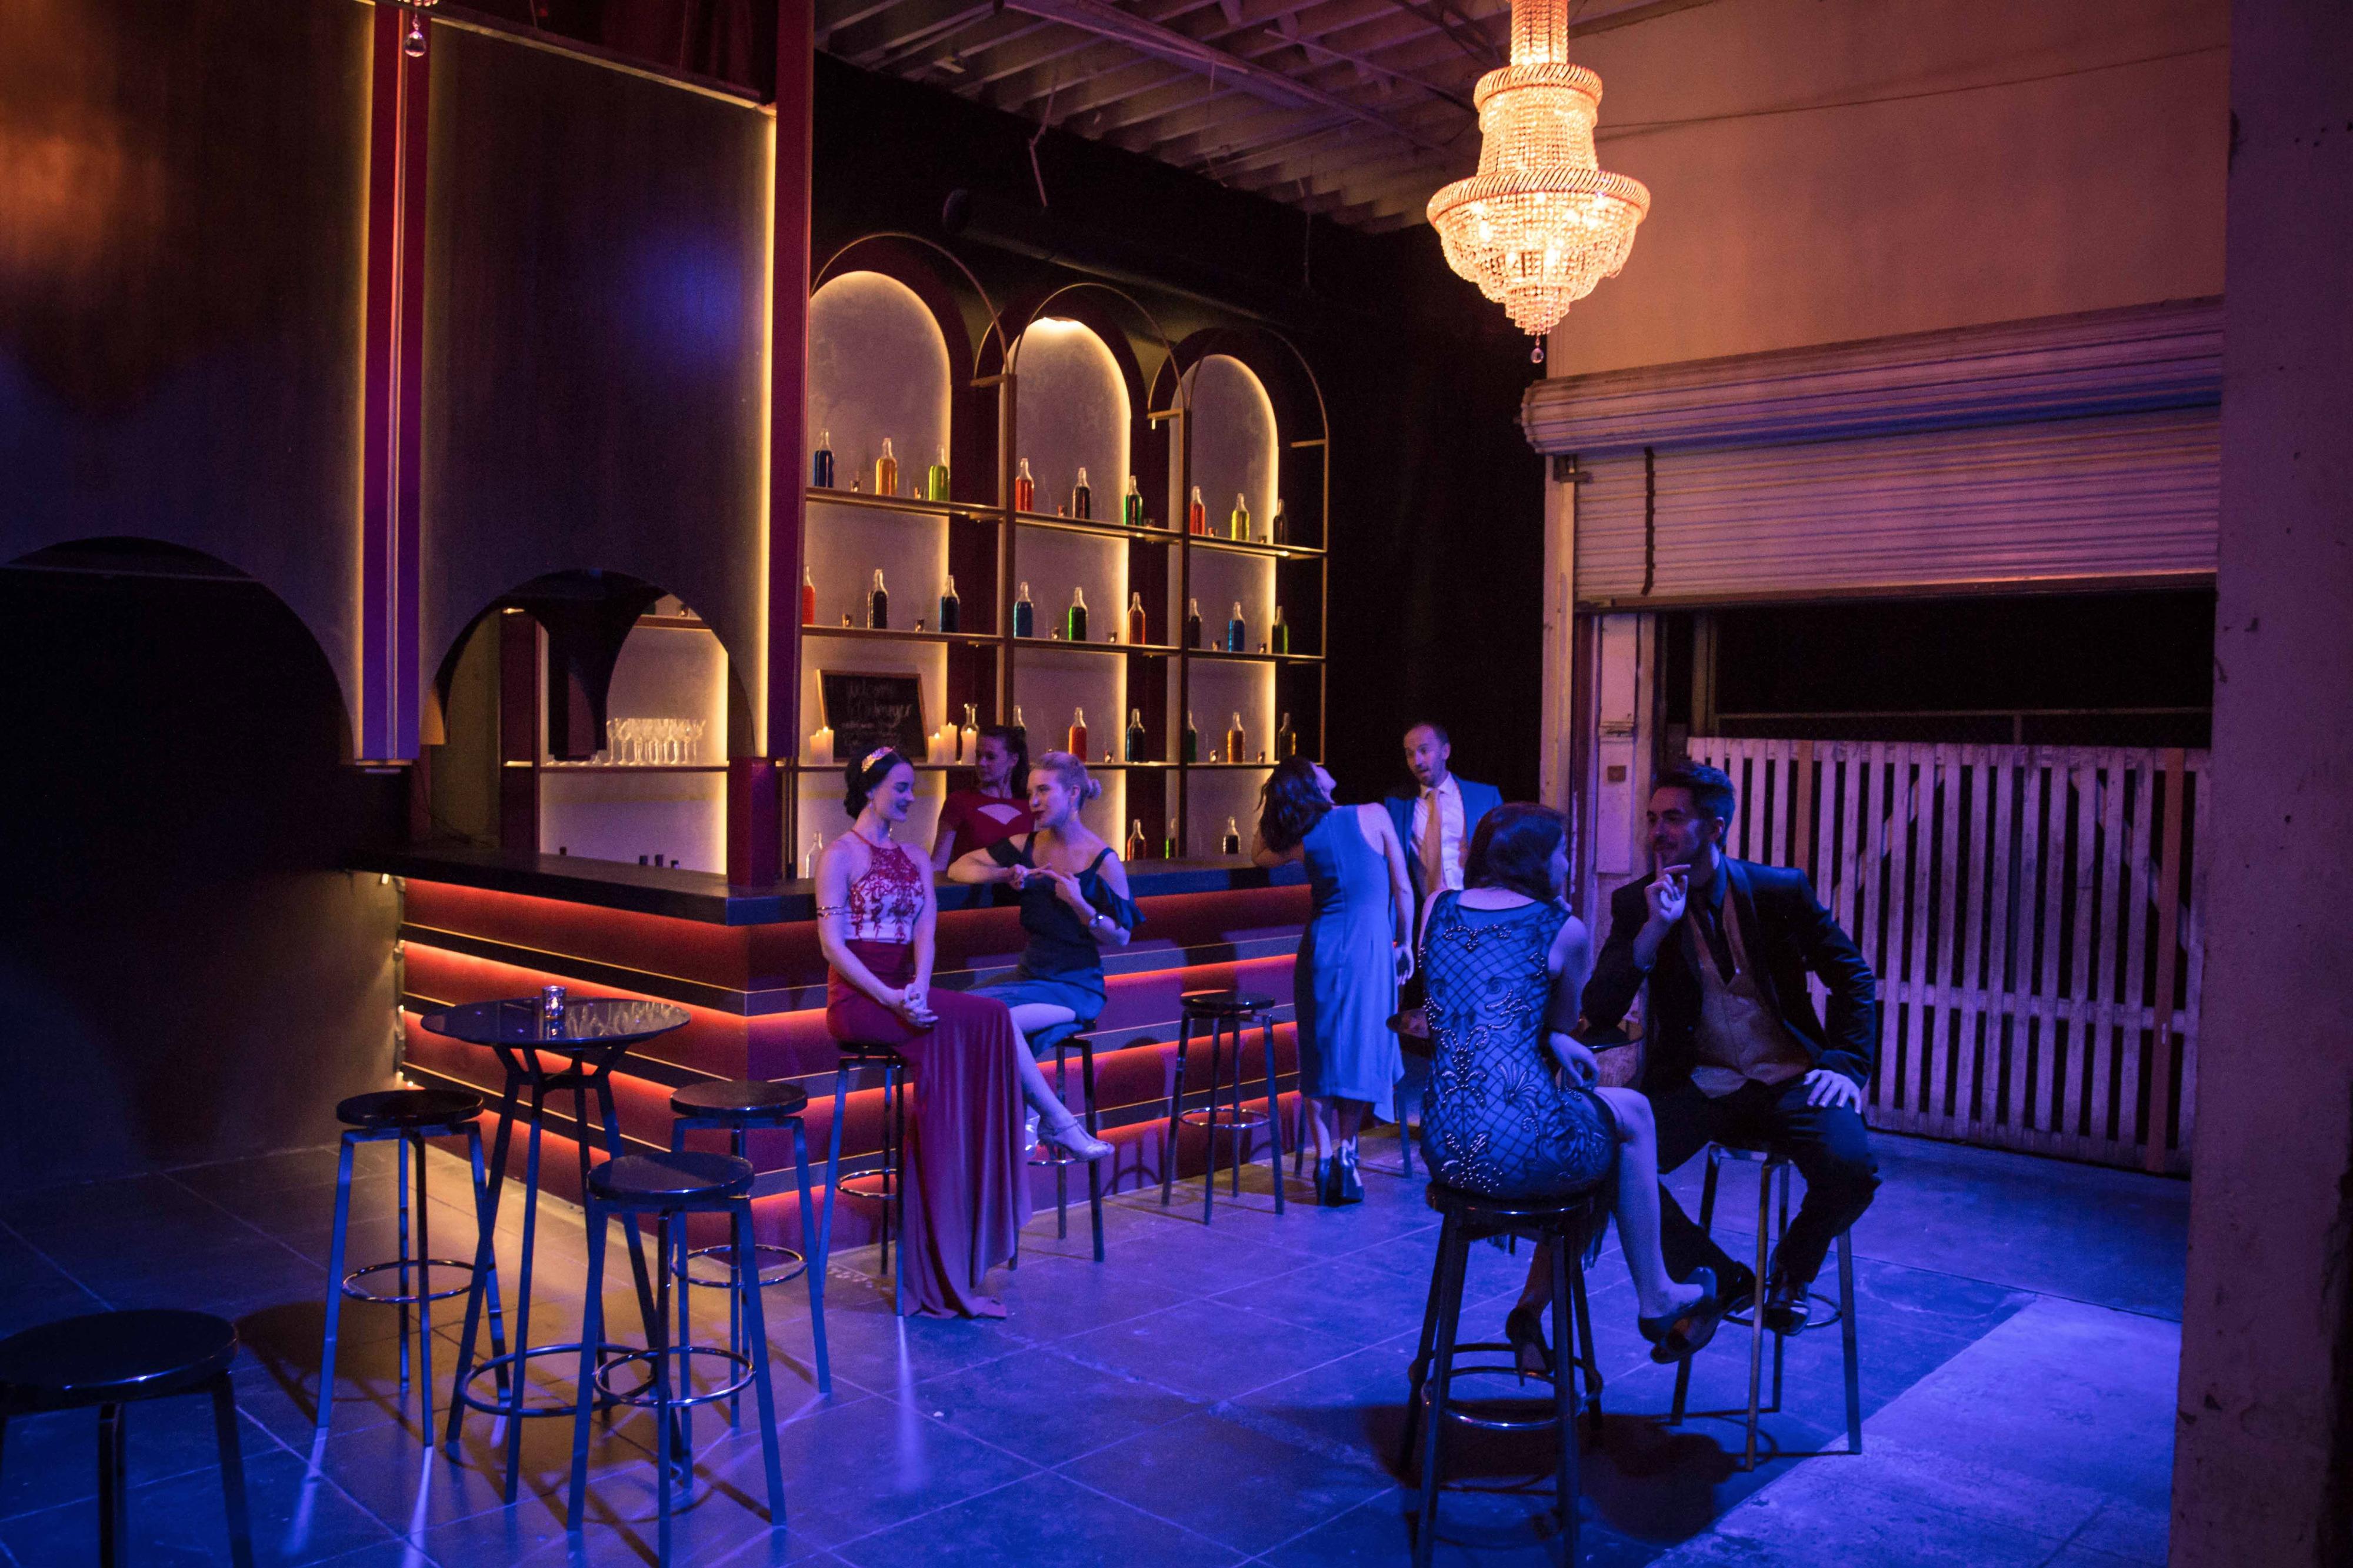 Art Deco Bar w/Chandeliers in Grand DTLA Warehouse!, Los Angeles, CA ...